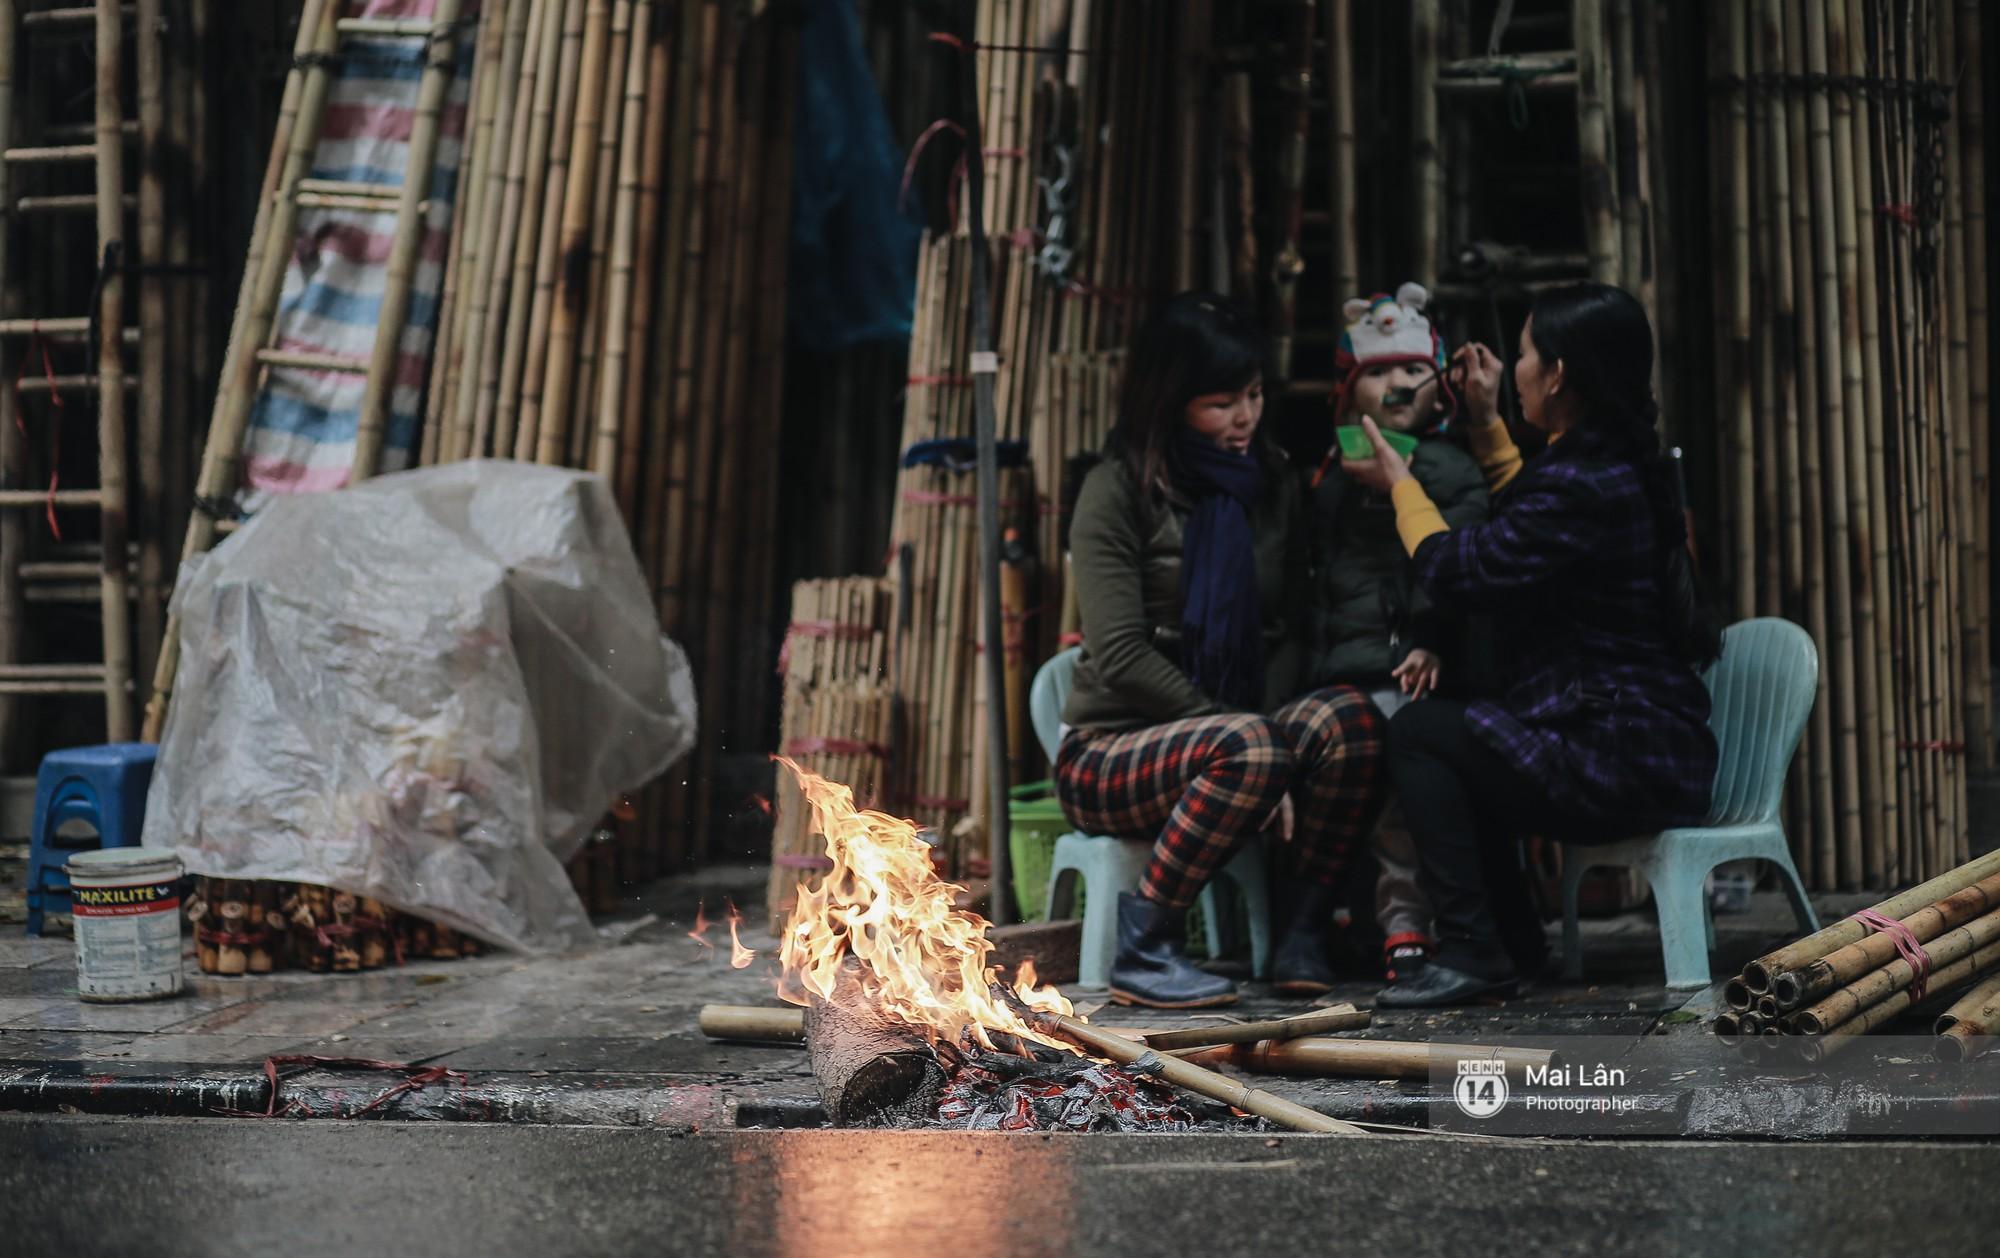 Chùm ảnh: Hà Nội giá rét 10 độ, một chiếc thùng carton hay manh áo mưa cũng khiến người lao động nghèo ấm hơn - Ảnh 9.